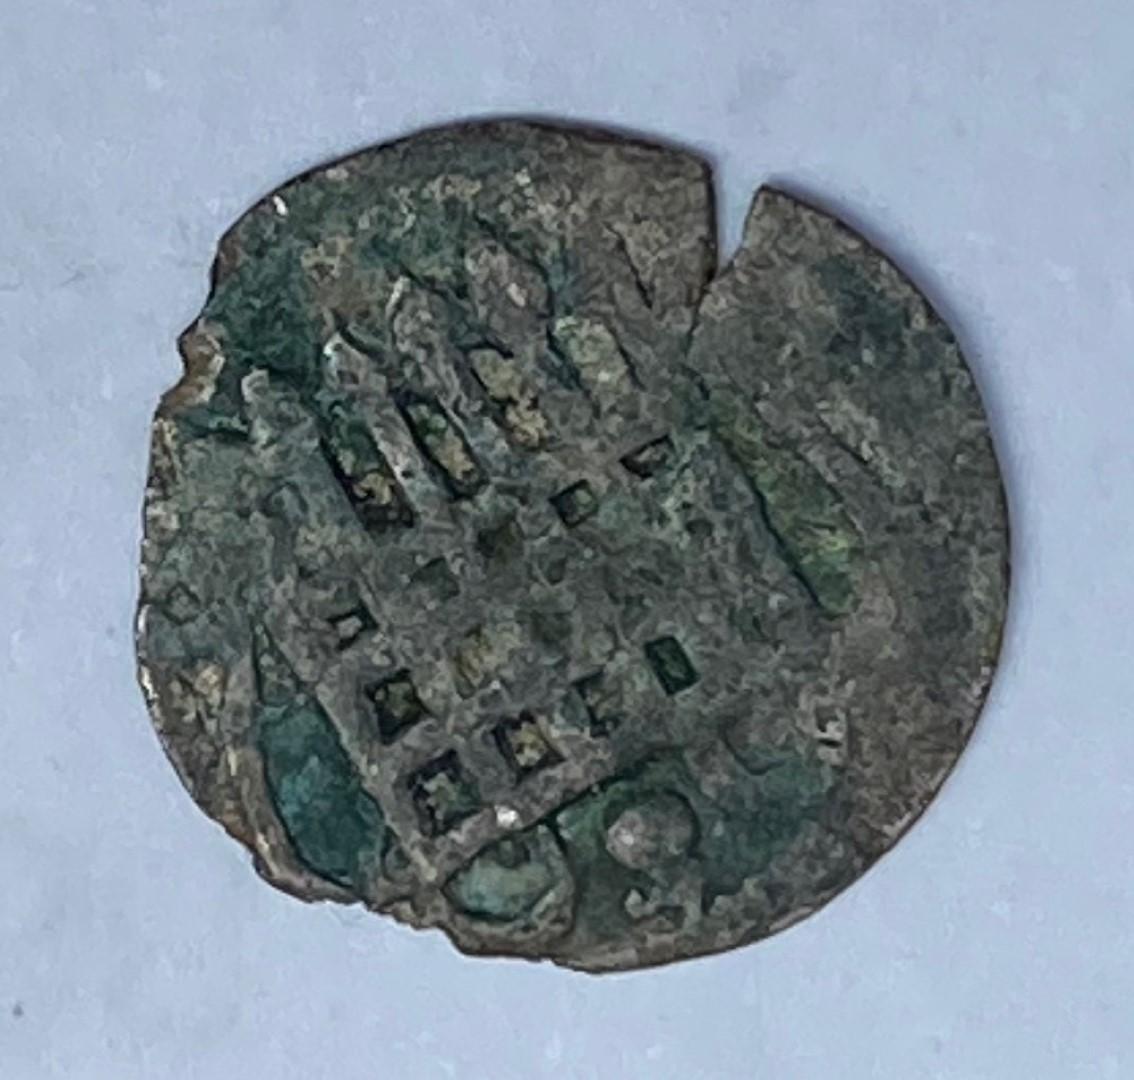 Elizabeth I halfpenny portcullis type